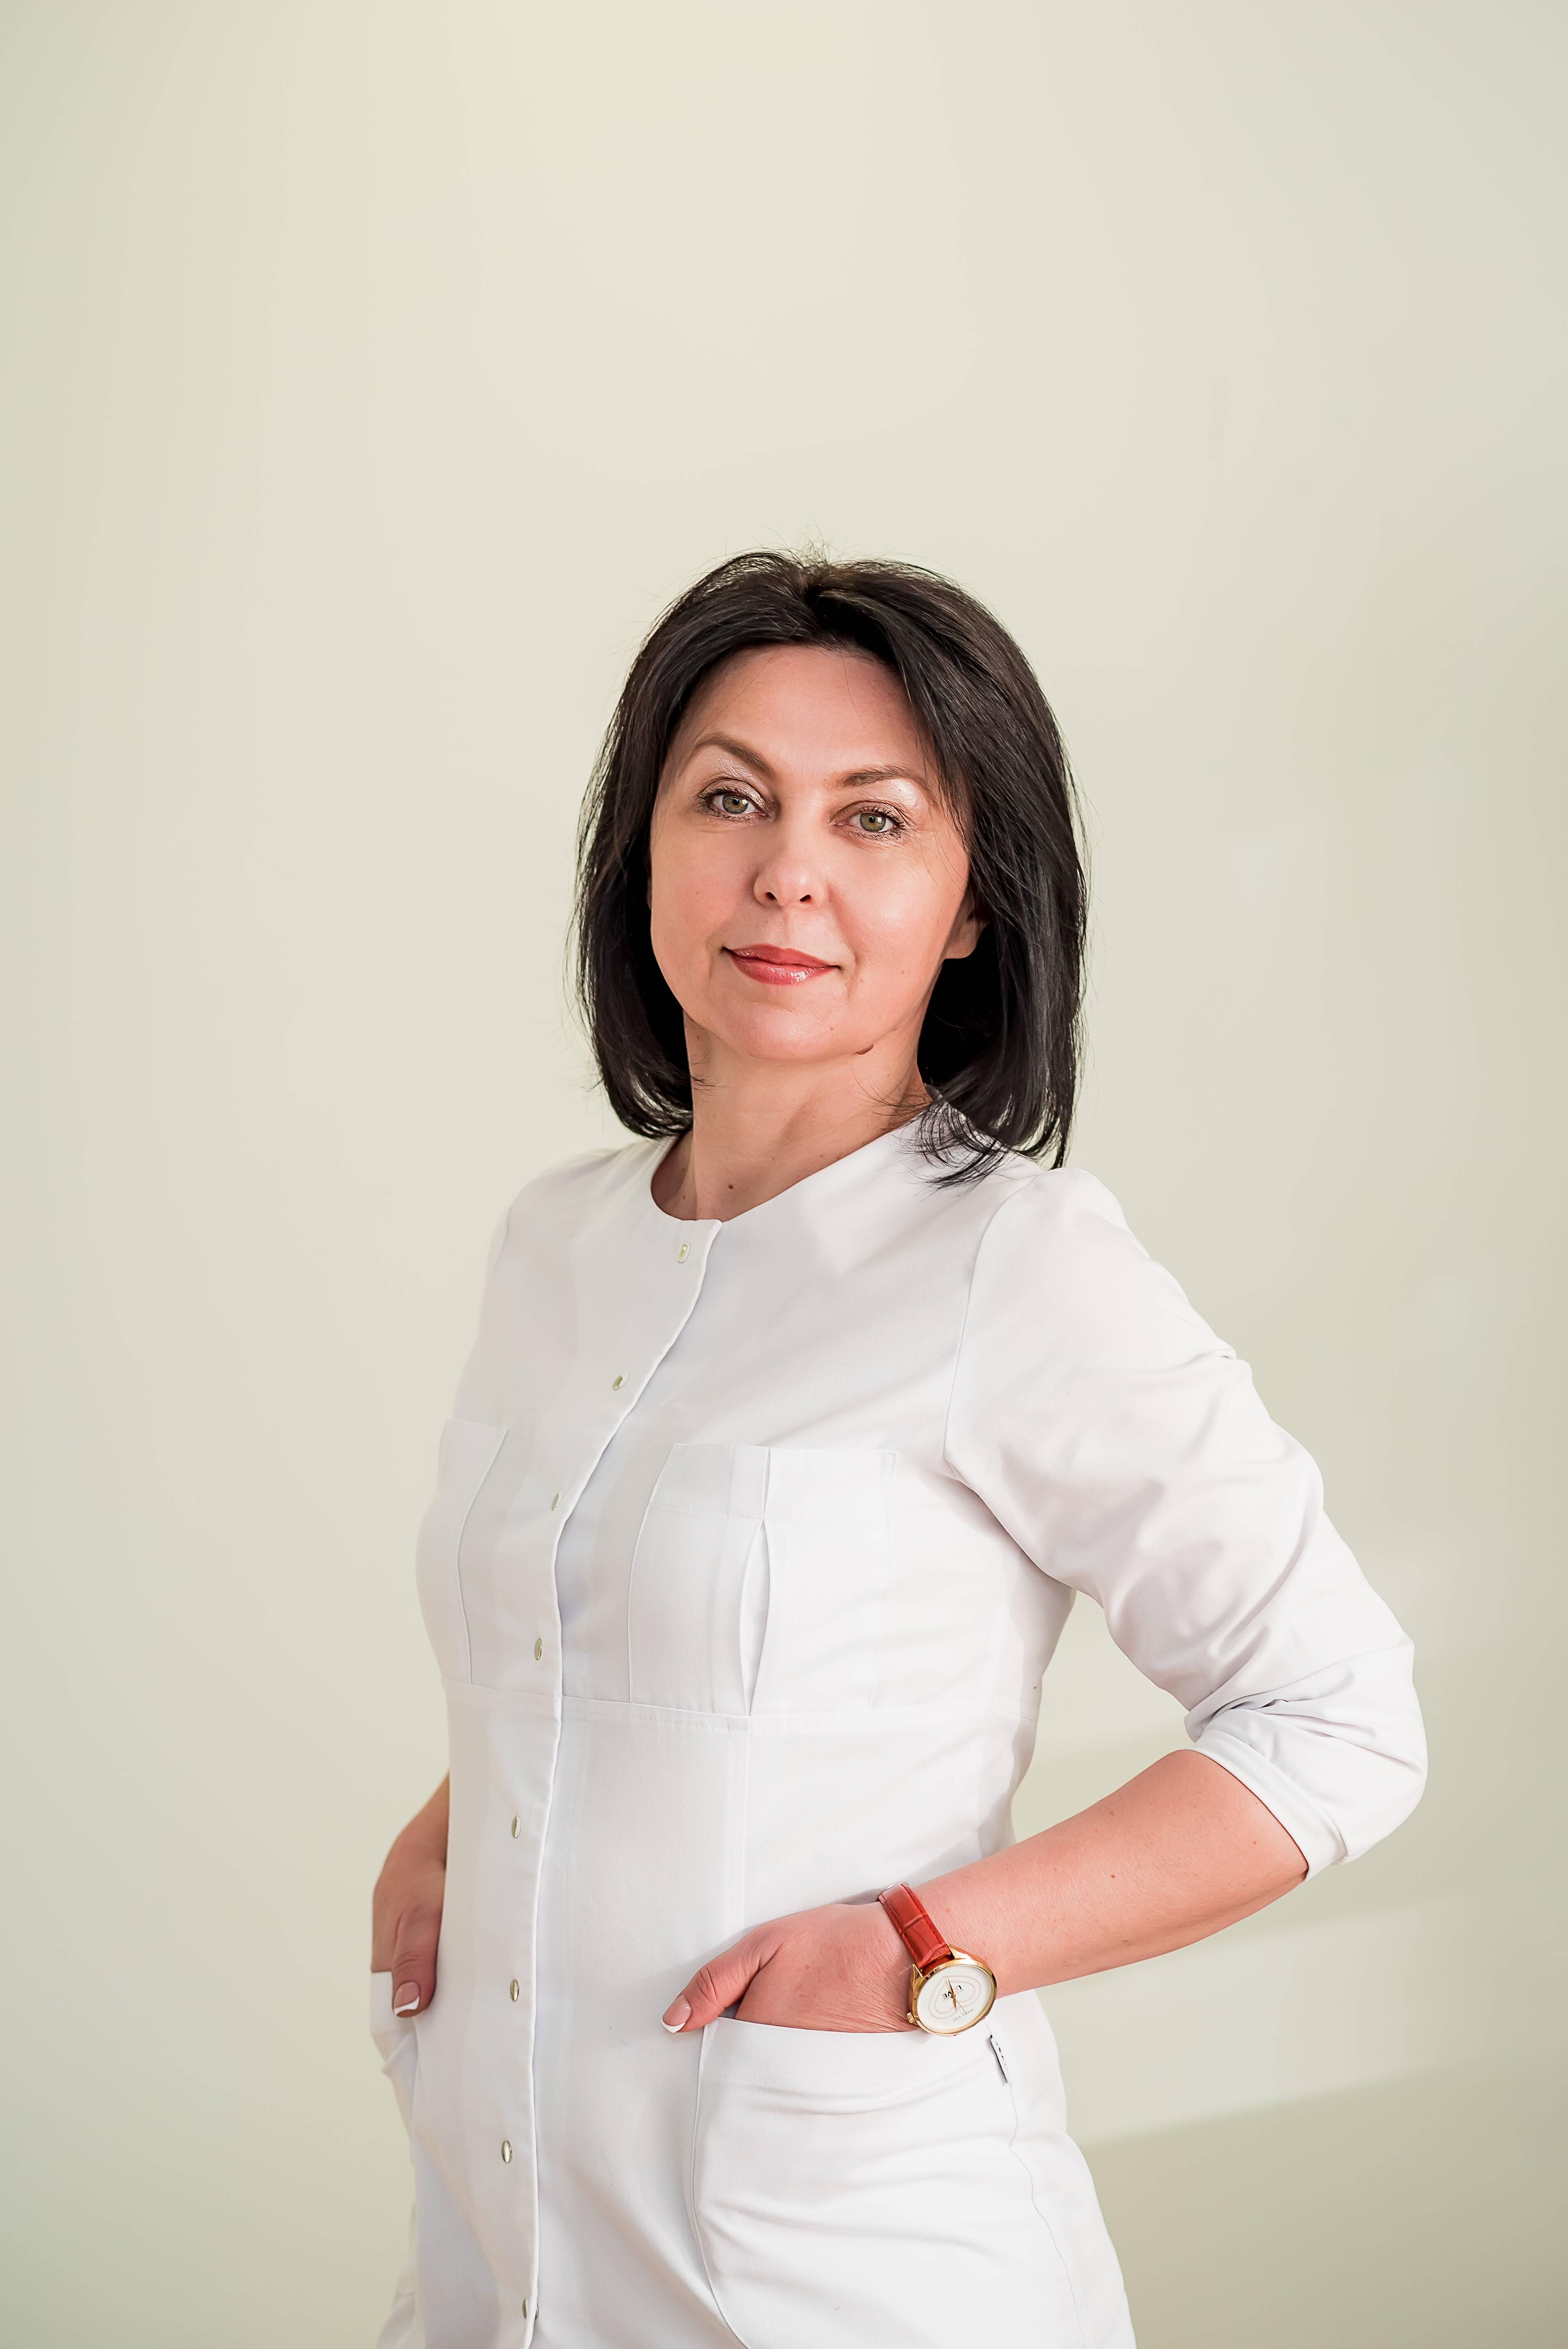 врач Бакай Елена Сергеевна: описание, отзывы, услуги, рейтинг, записаться онлайн на сайте h24.ua